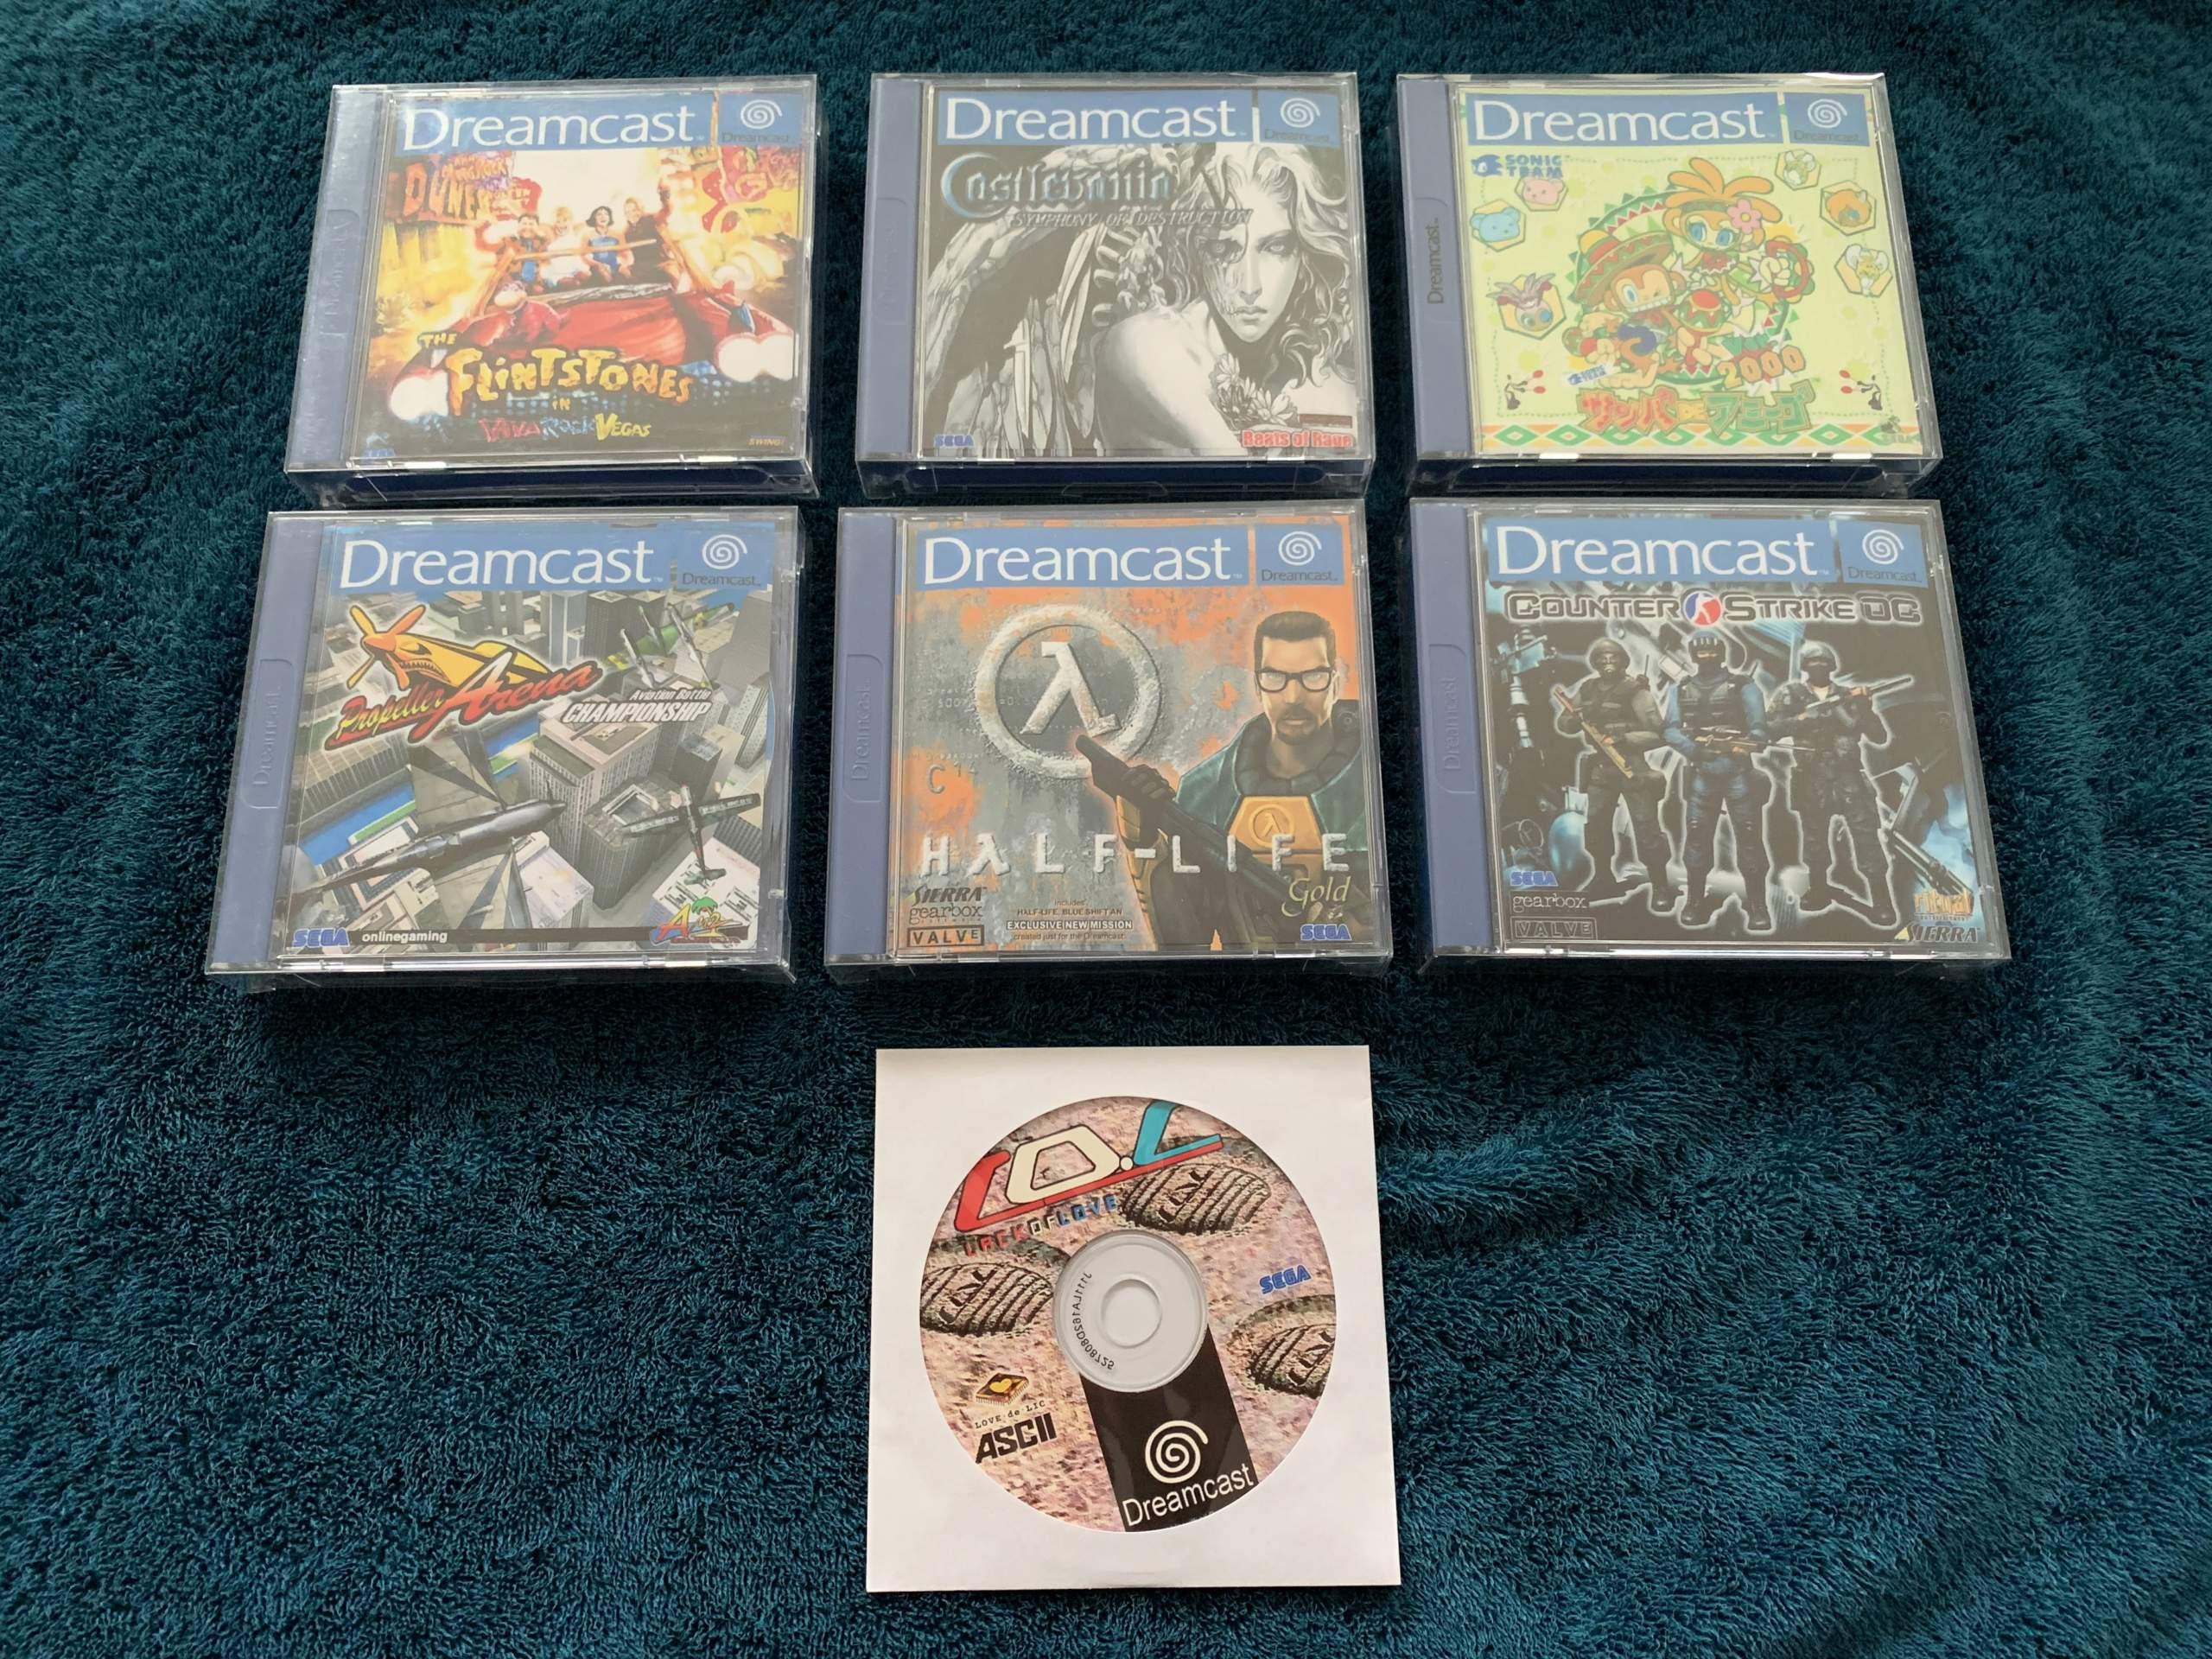 [VENDU] Fullset Jeux Dreamcast, Accessoires, Promo, Rigides... - 350 pièces - NEUF SOUS BLISTER 043_bo10